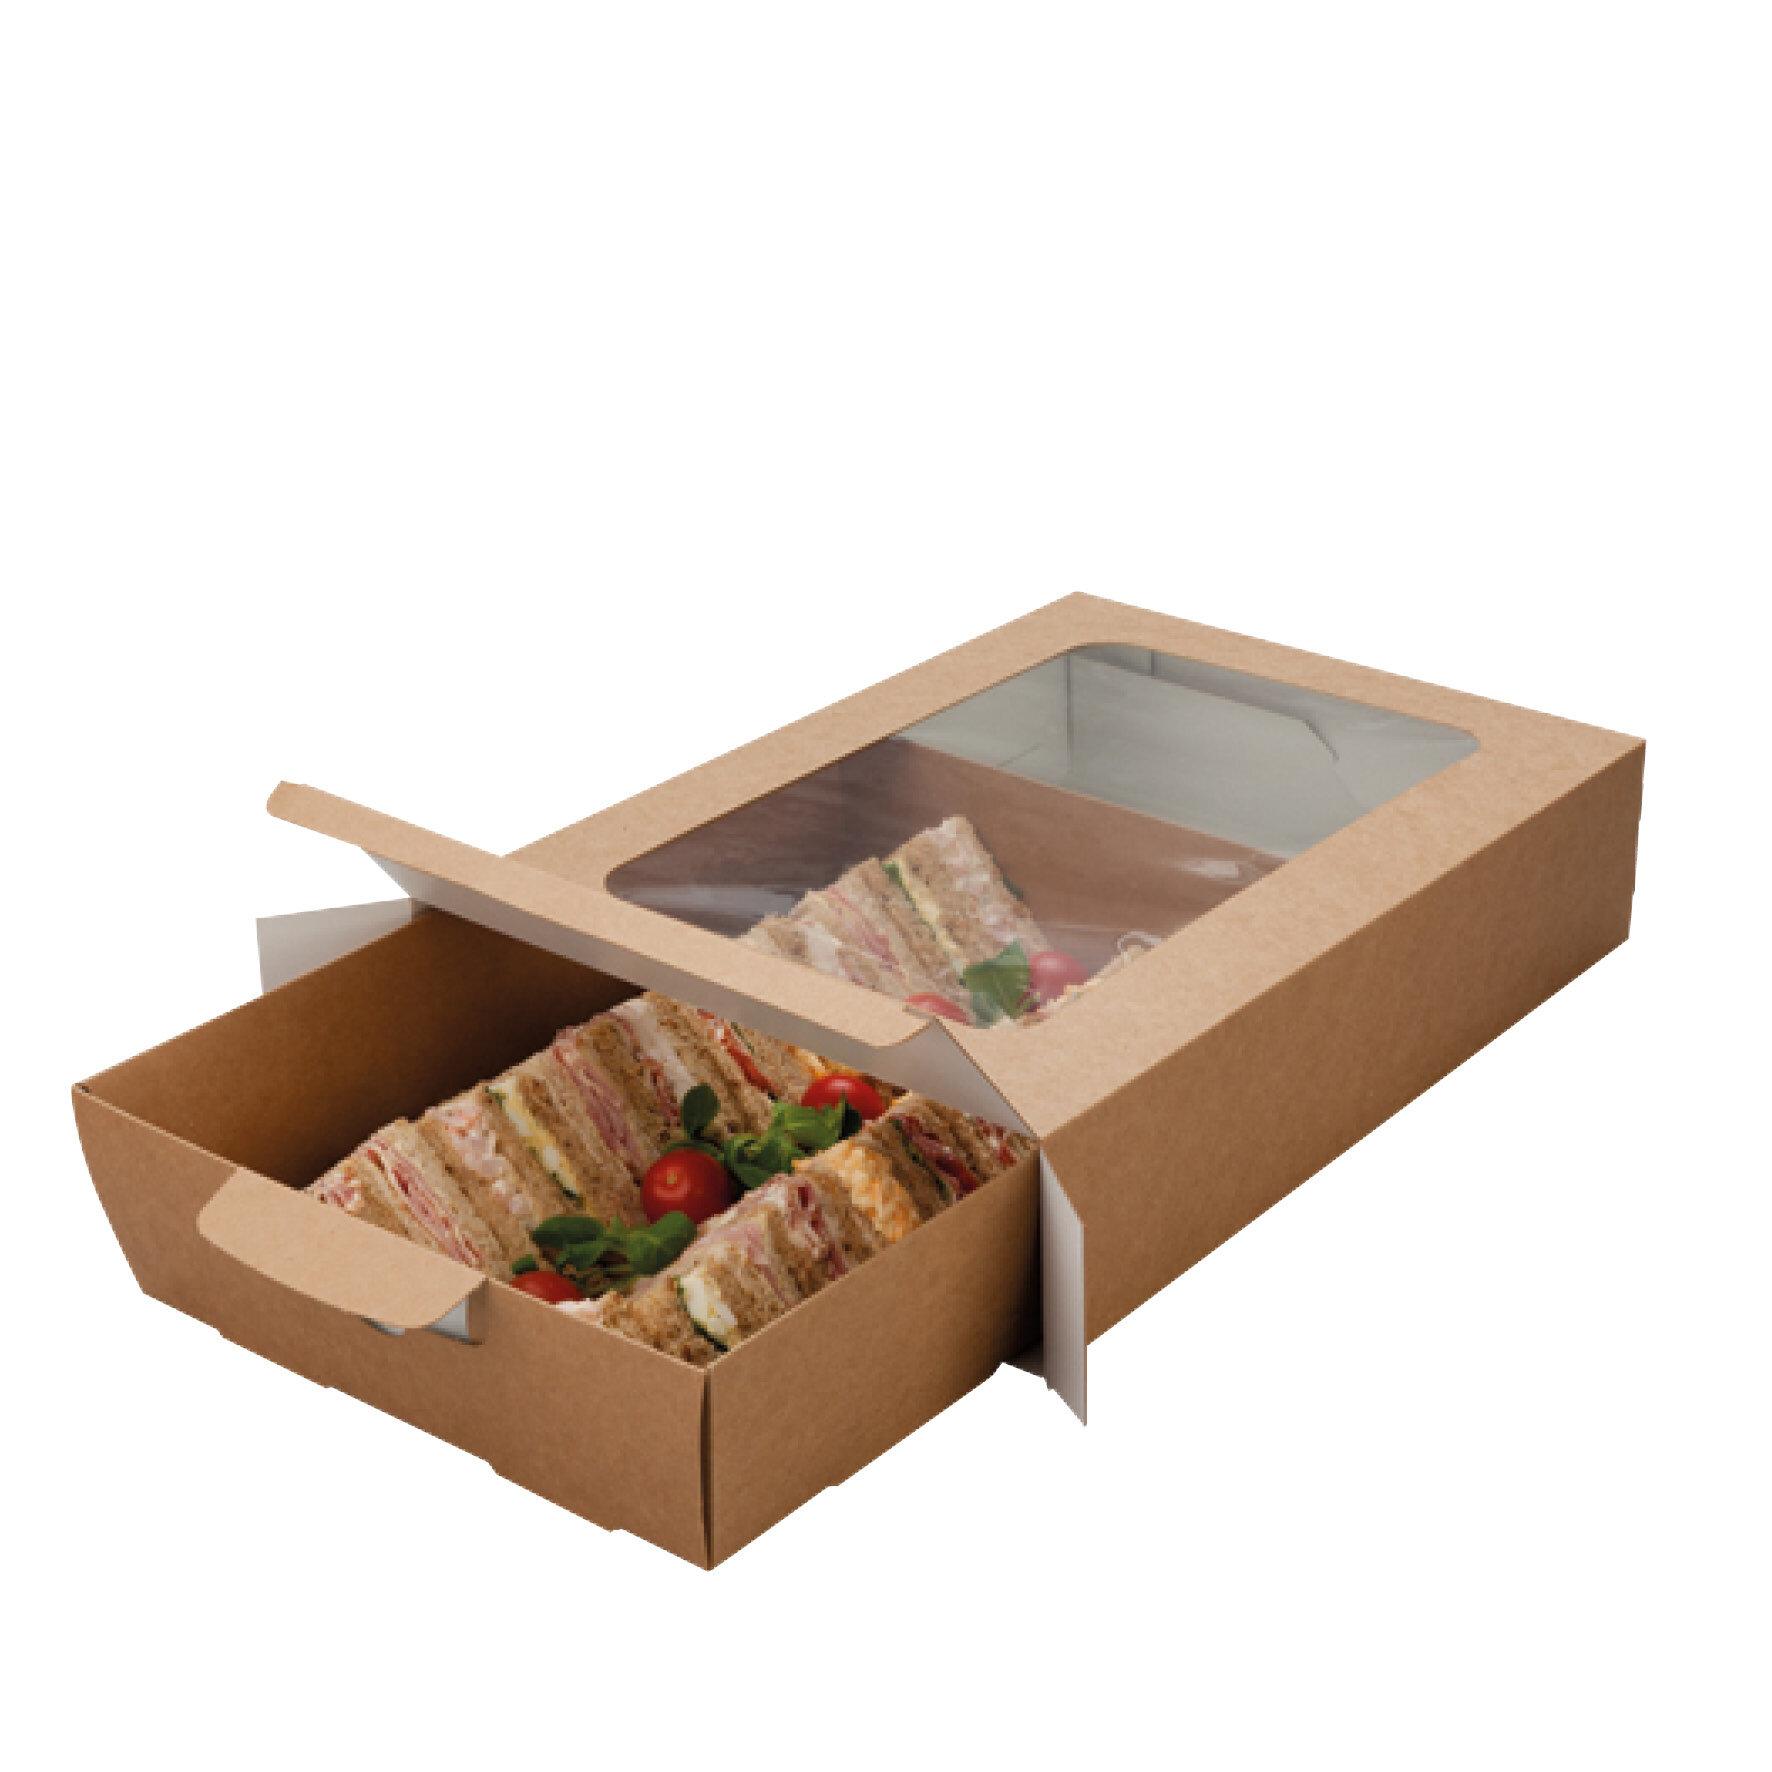 WEBAbox  Cateringbox  mit Zellglas Sichtfenster    Monomaterial (Holz), kompostierbar